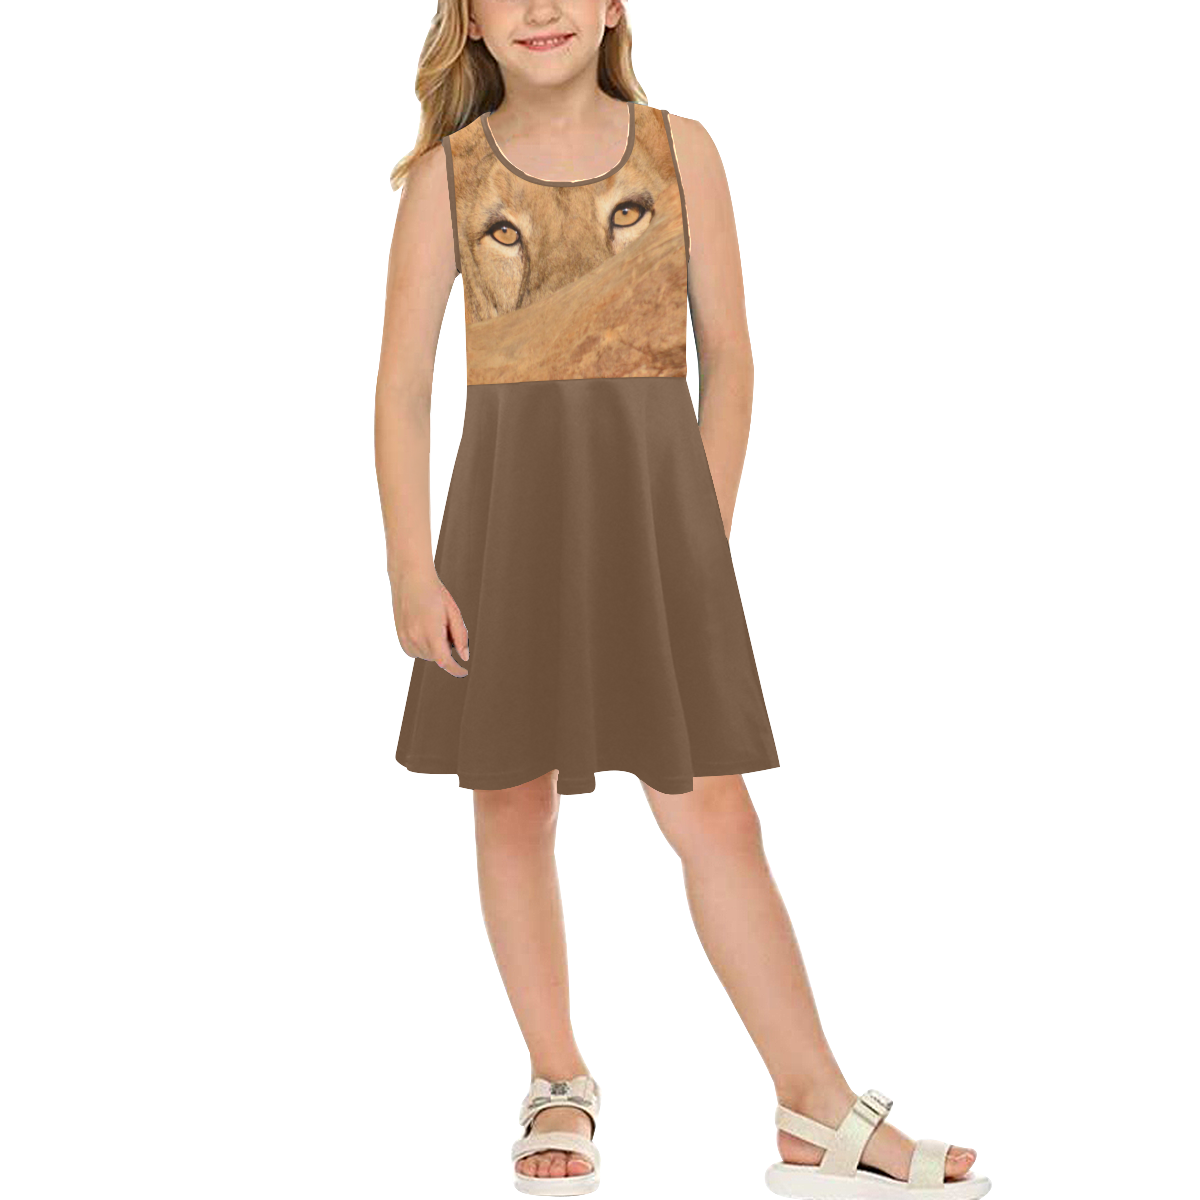 LION GIRL SUNDRESS Girls' Sleeveless Sundress (Model D56)